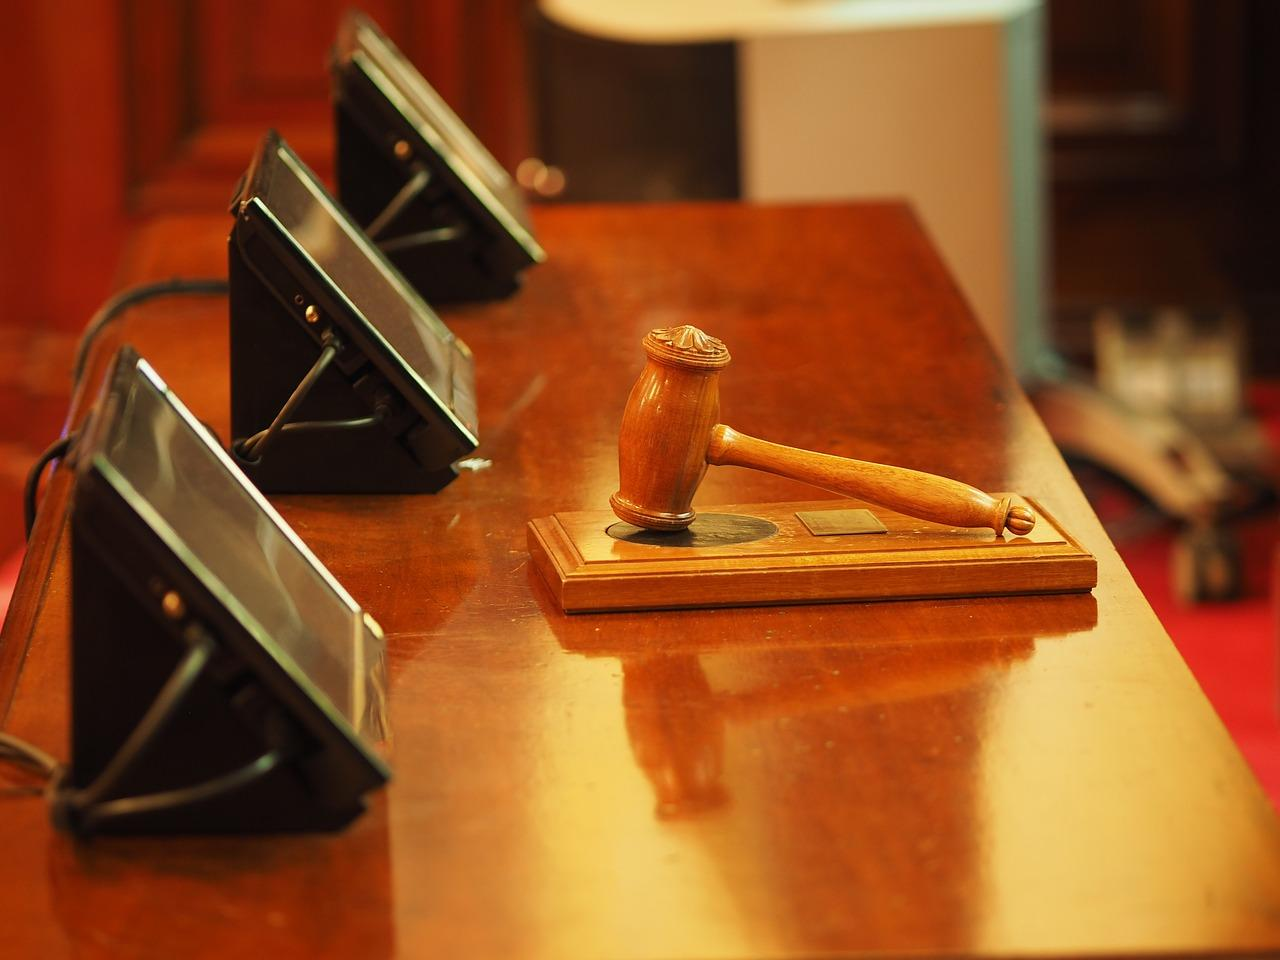 Condenado a 9 meses de cárcel un 'Dj' por abusar de una joven ebria a la que drogó